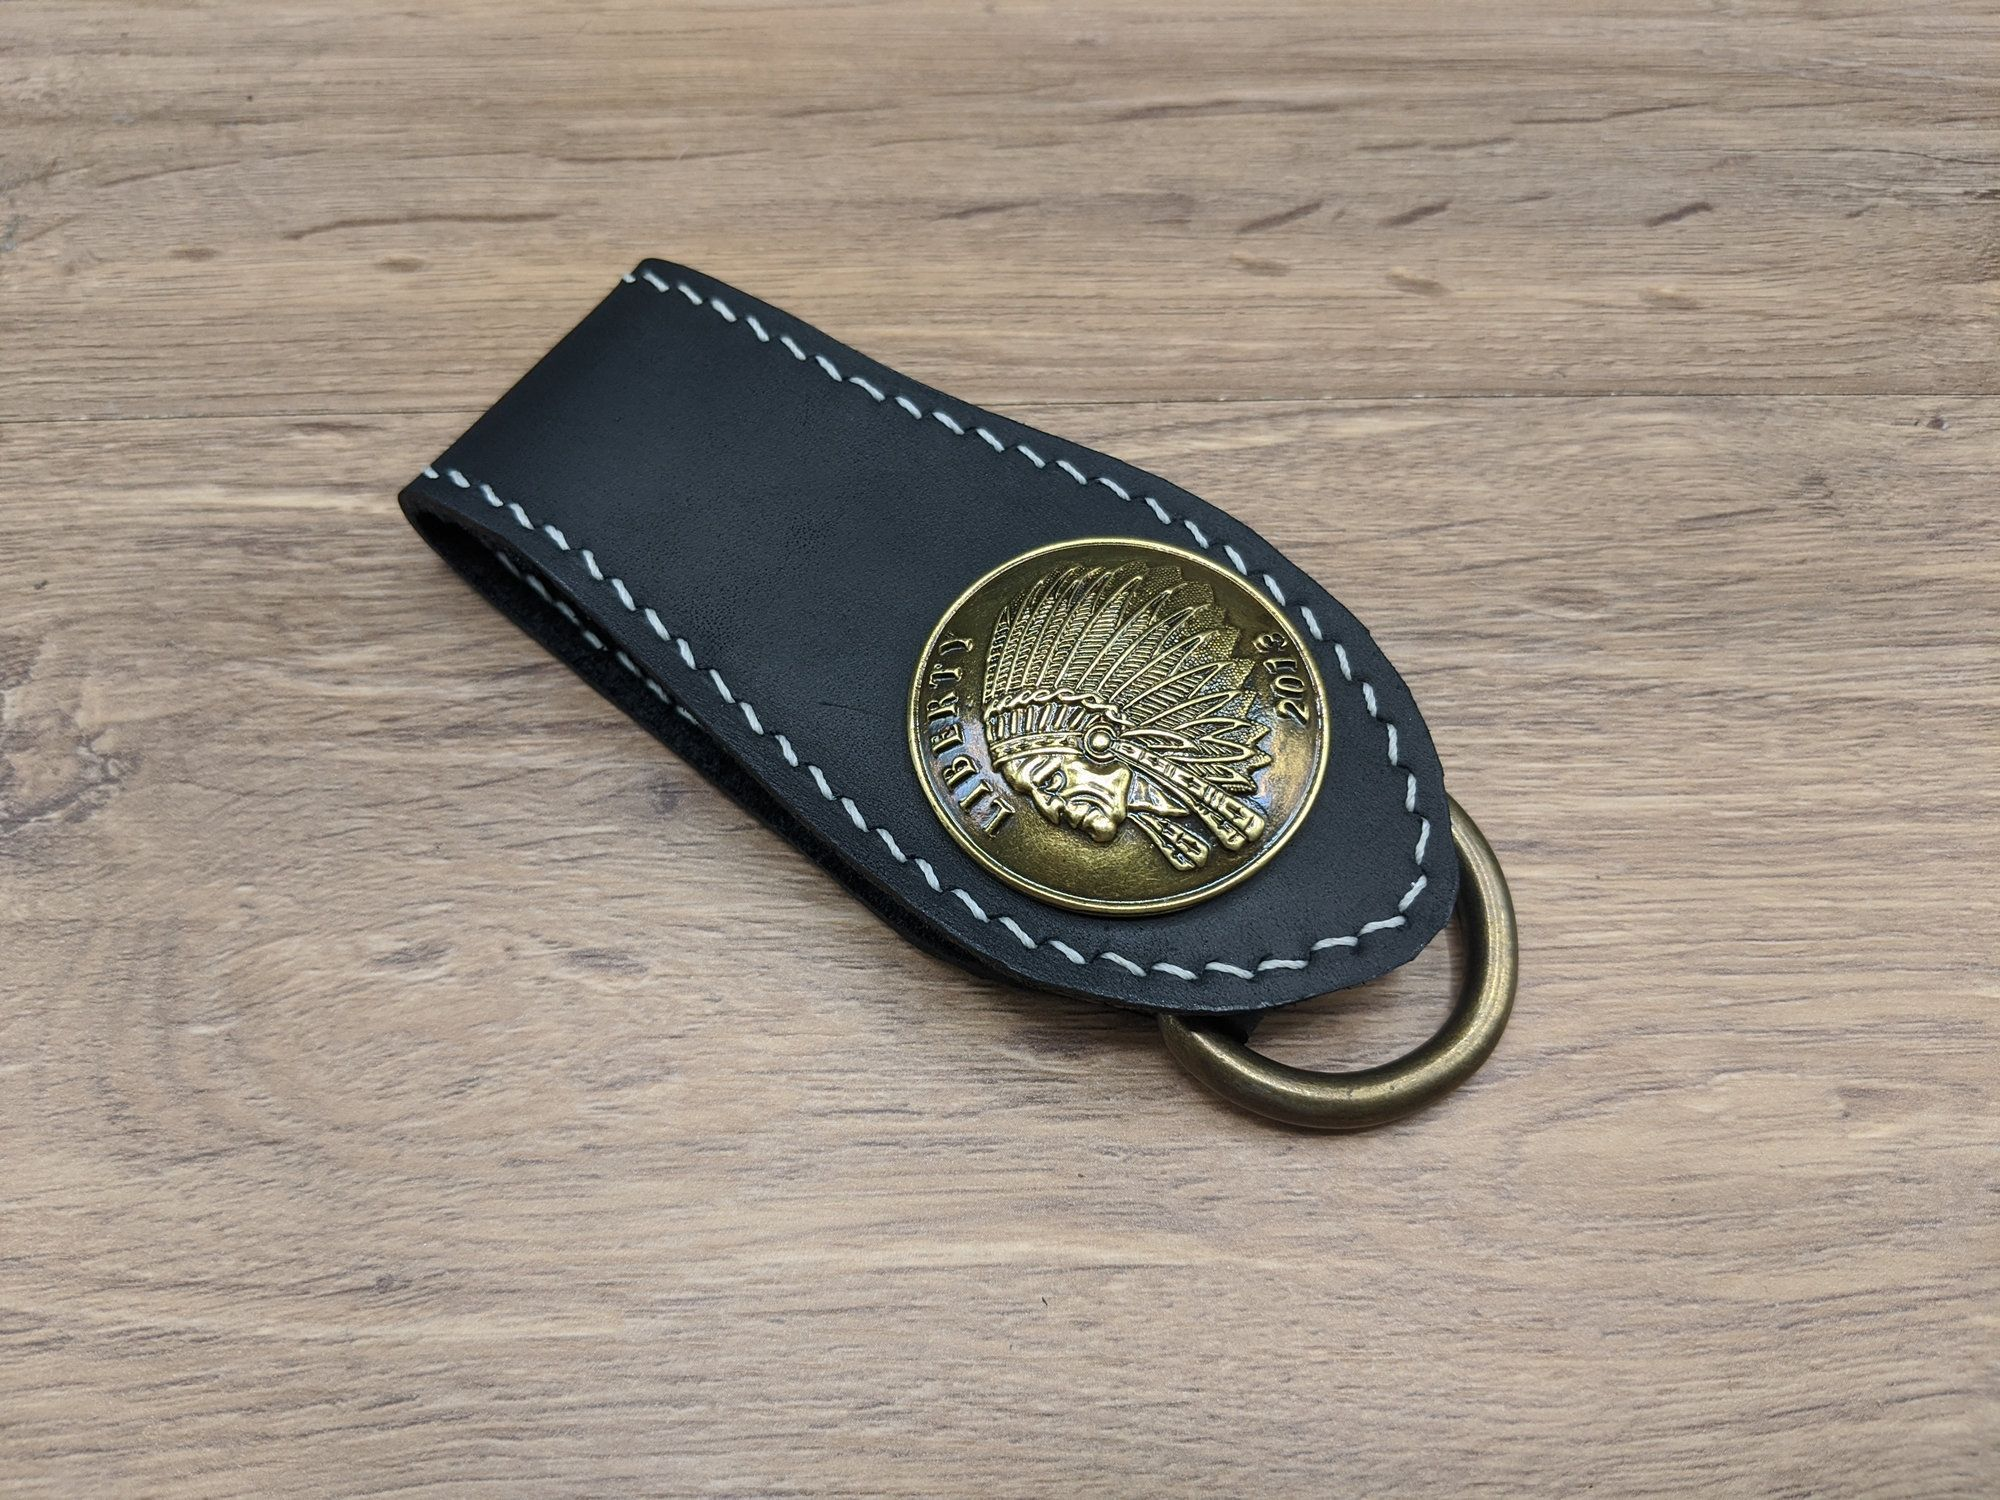 Indian Belt Loop Key Chain Skull Cowhide Leather Wallet